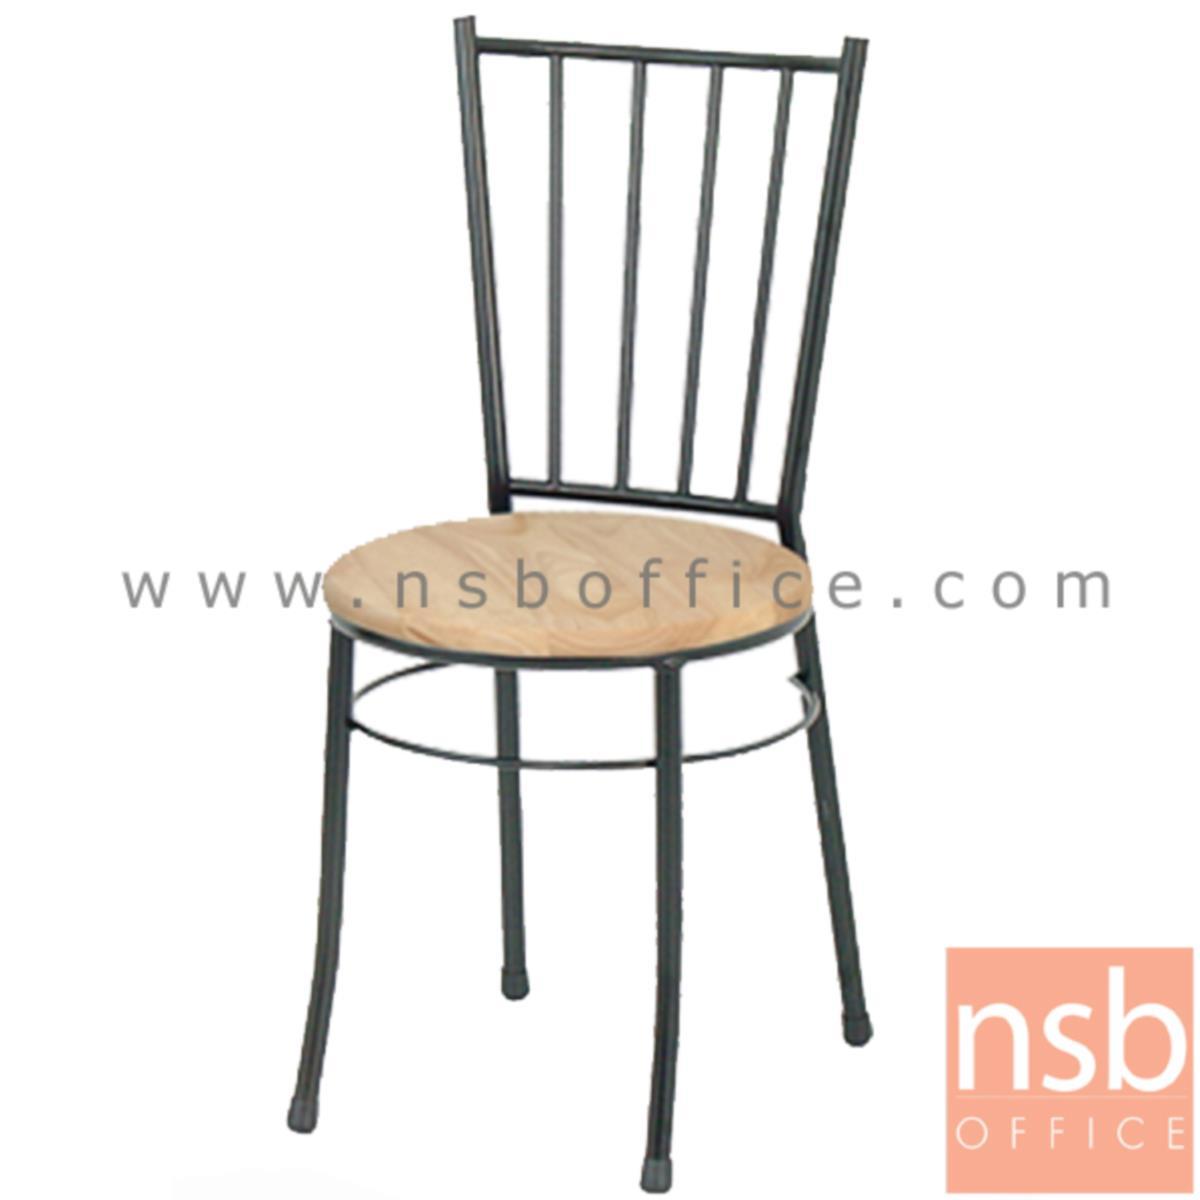 B20A042:เก้าอี้อเนกประสงค์เหล็ก รุ่น WILLY-BW  ขาเหล็กพ่นดำ